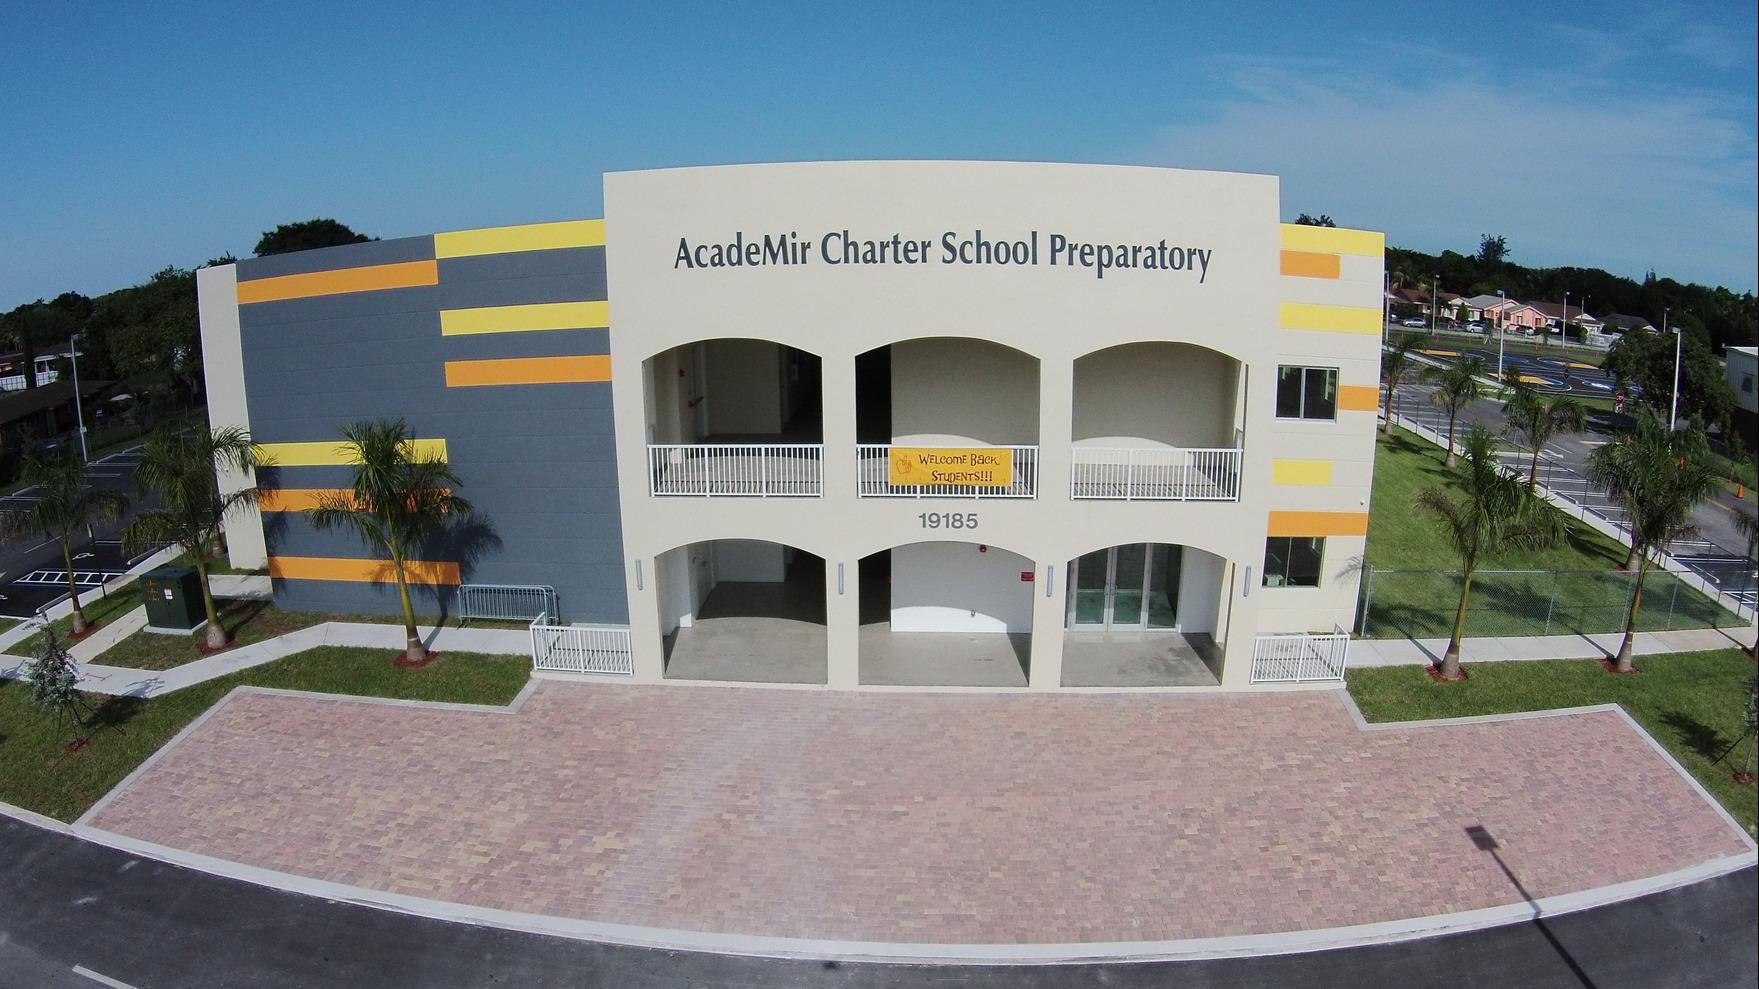 nhanh-tay-danh-suat-dau-tu-vao-du-an-truong-ban-cong-charter-school-phase-39